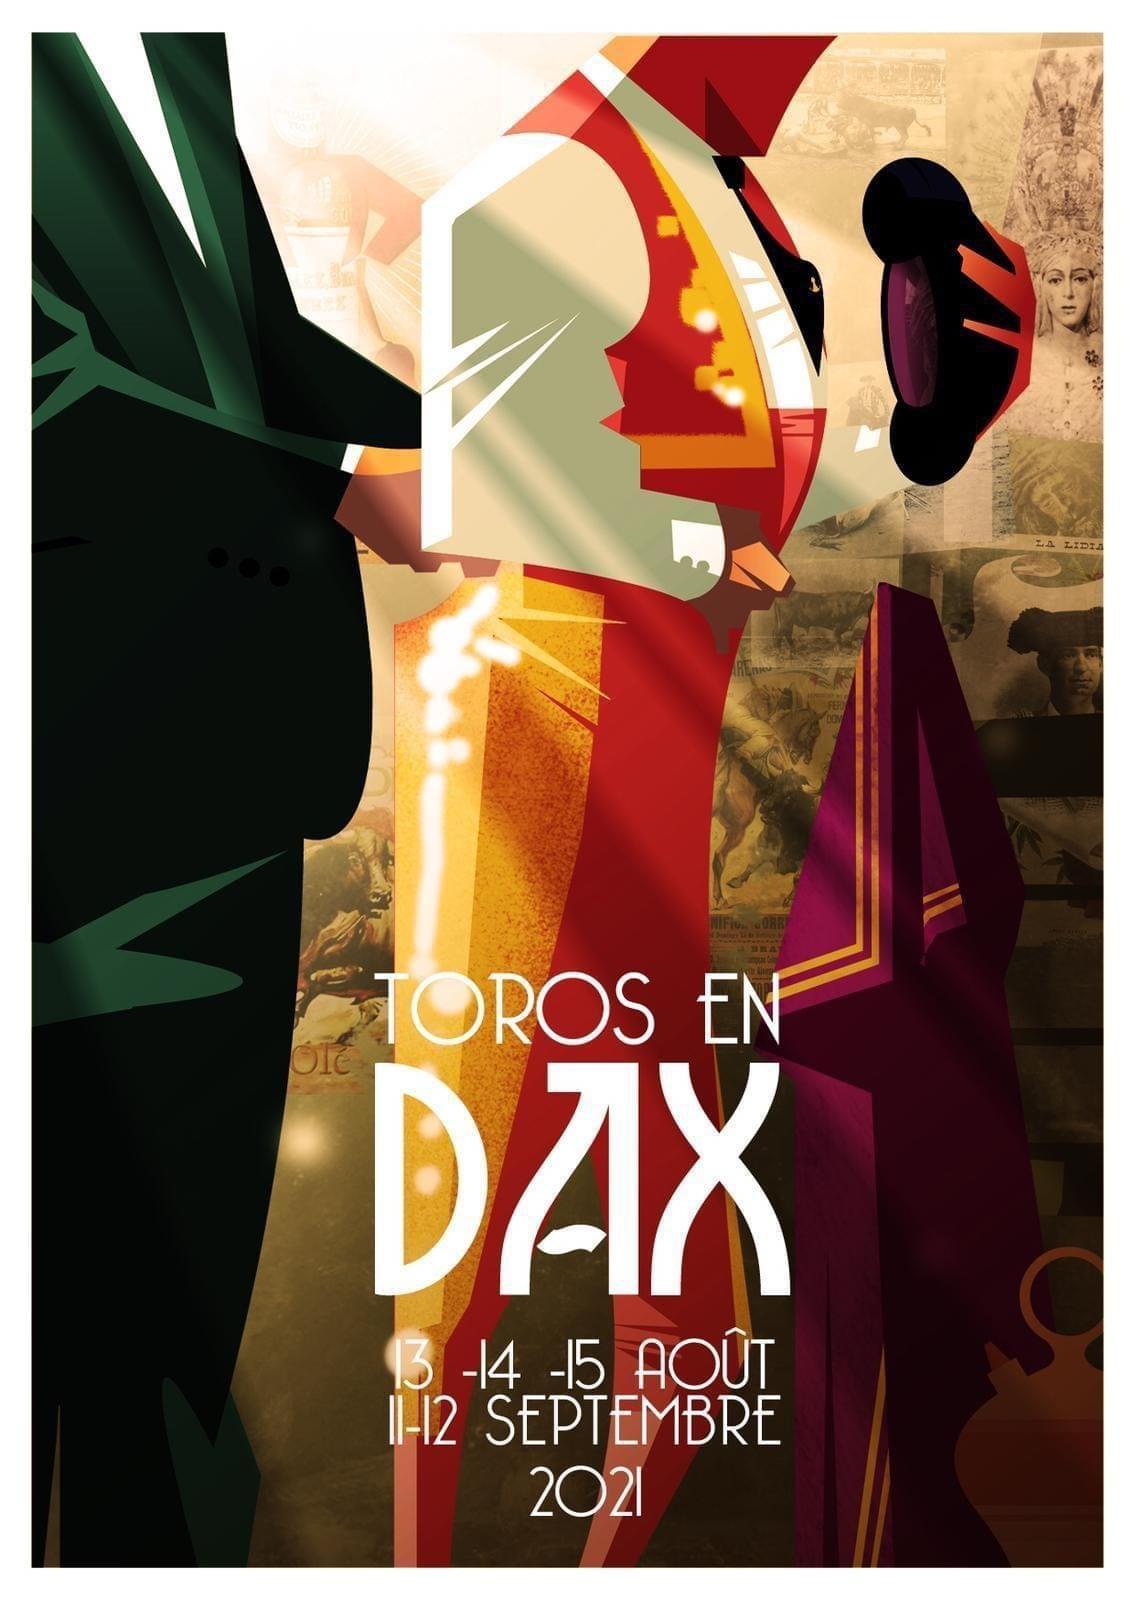 dax 2021 ok